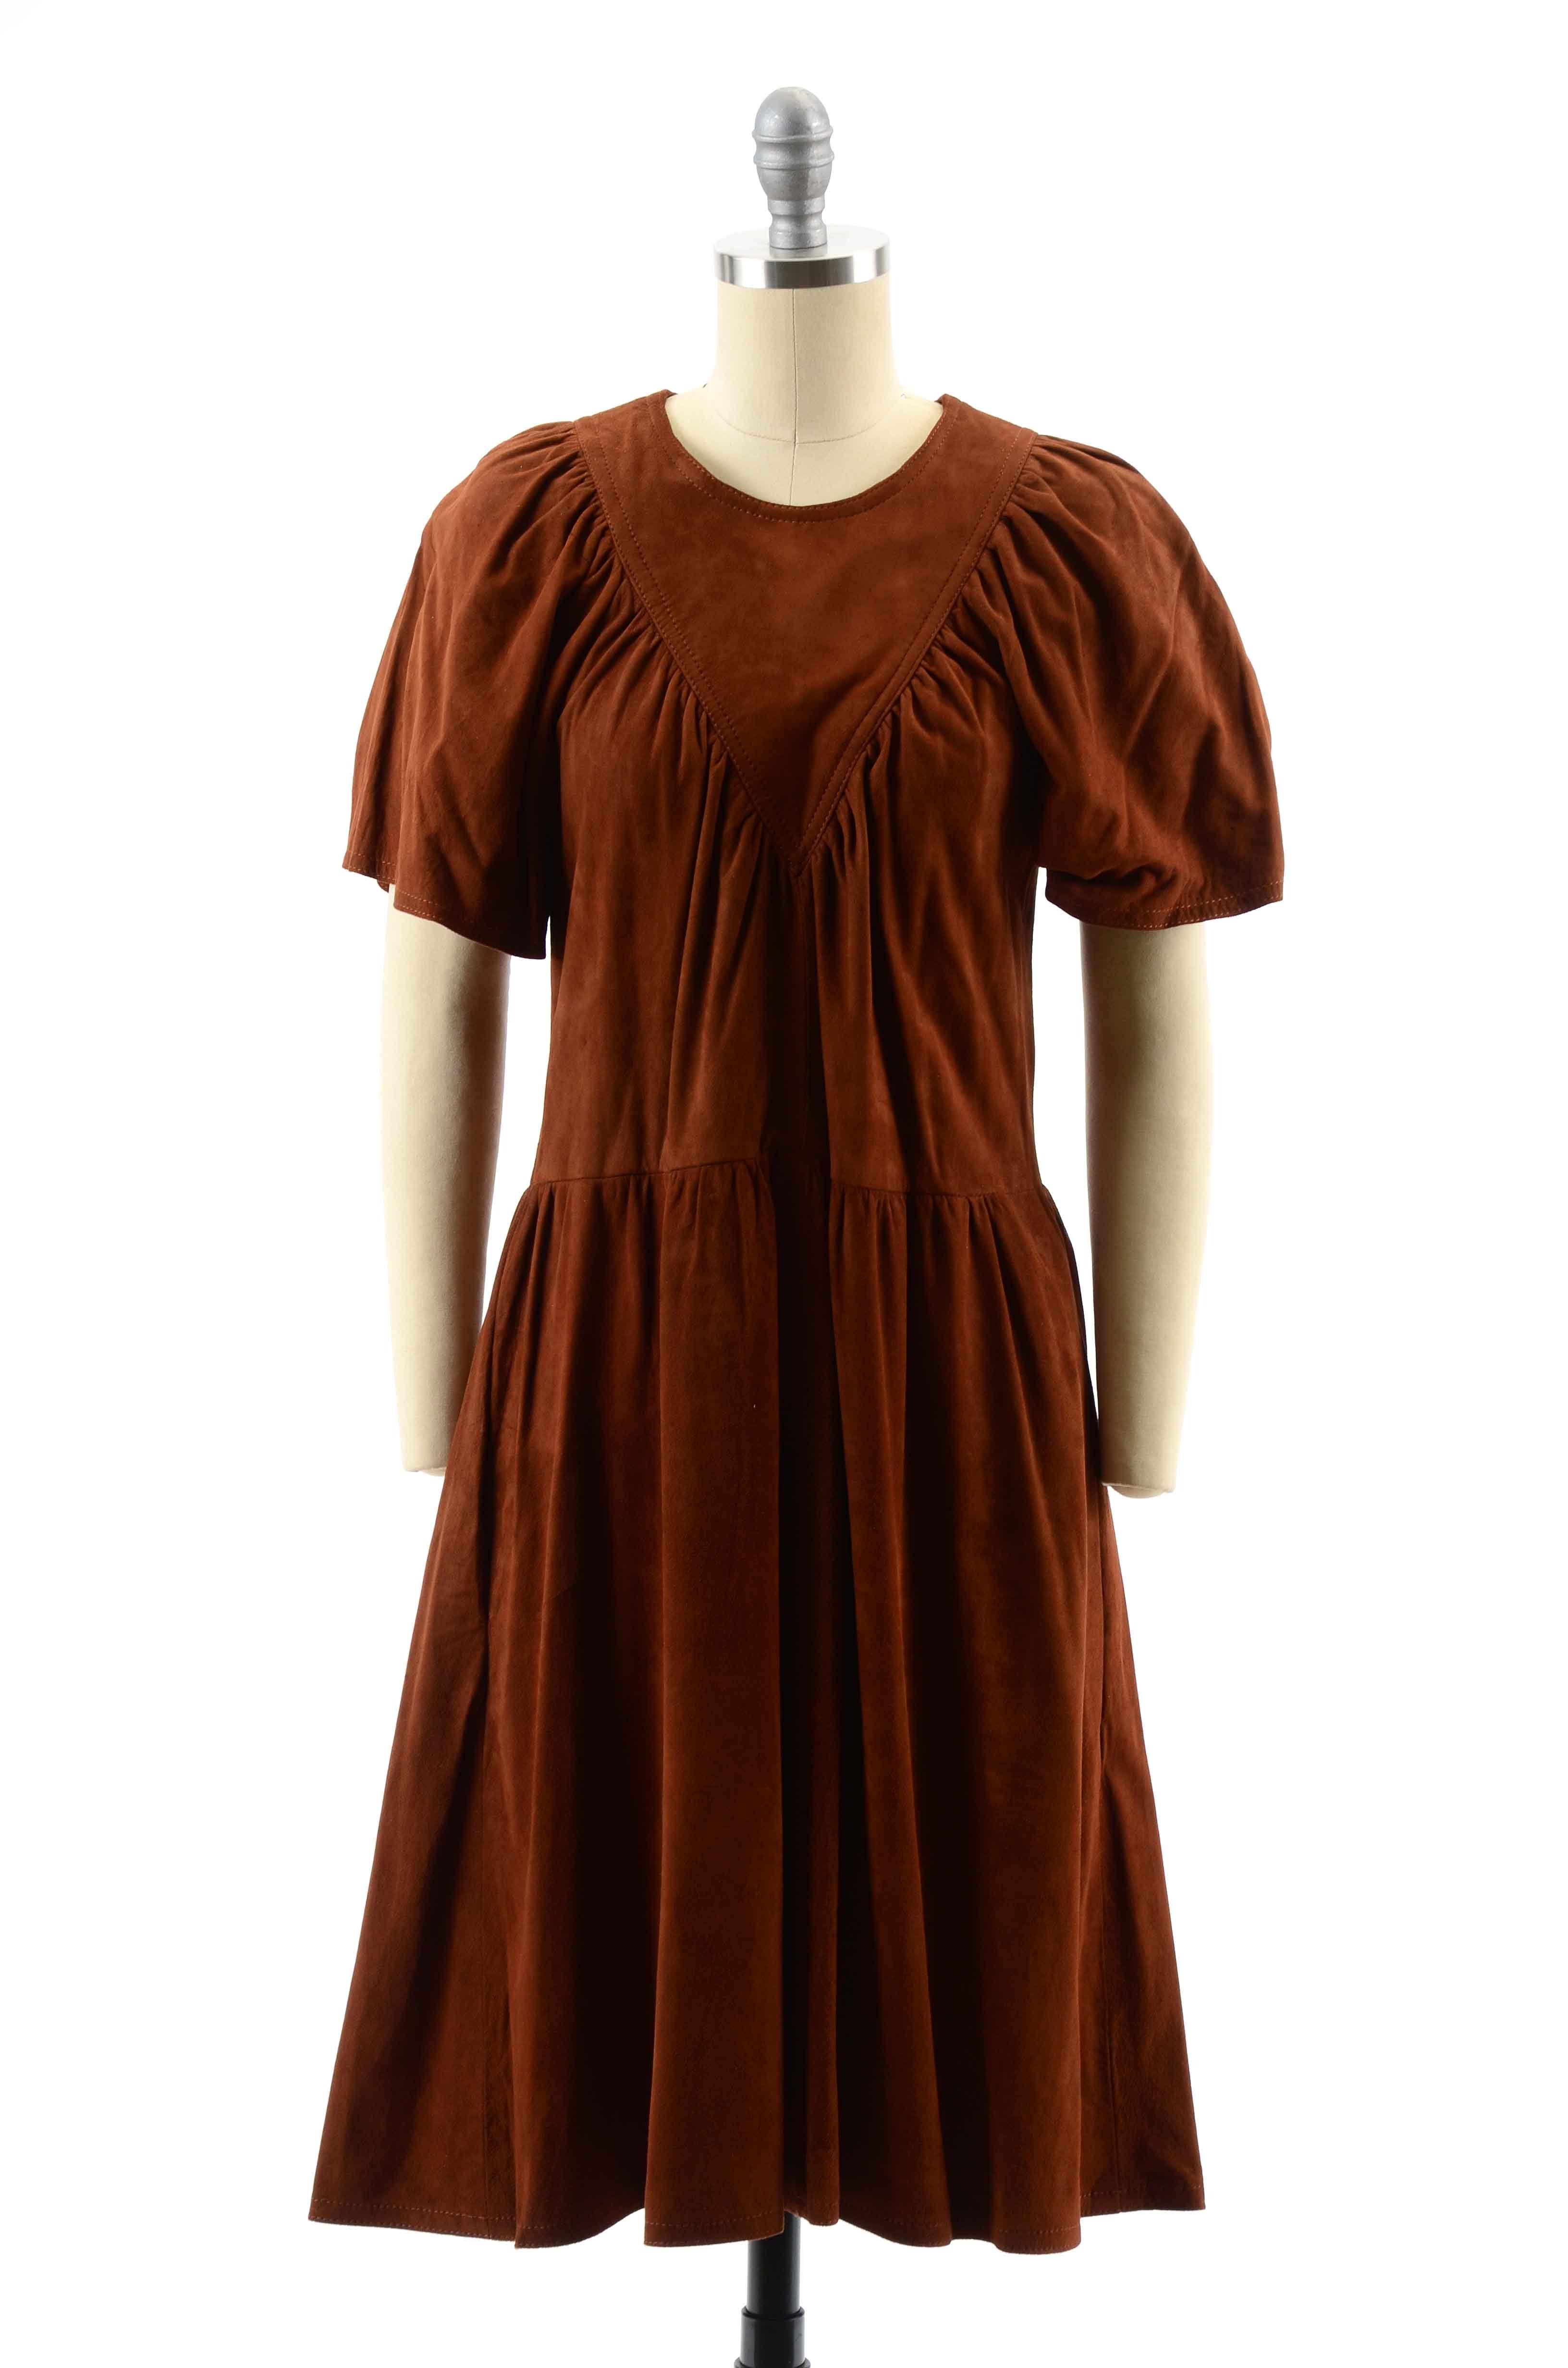 New Dress And Jacket Set - Coat Nj